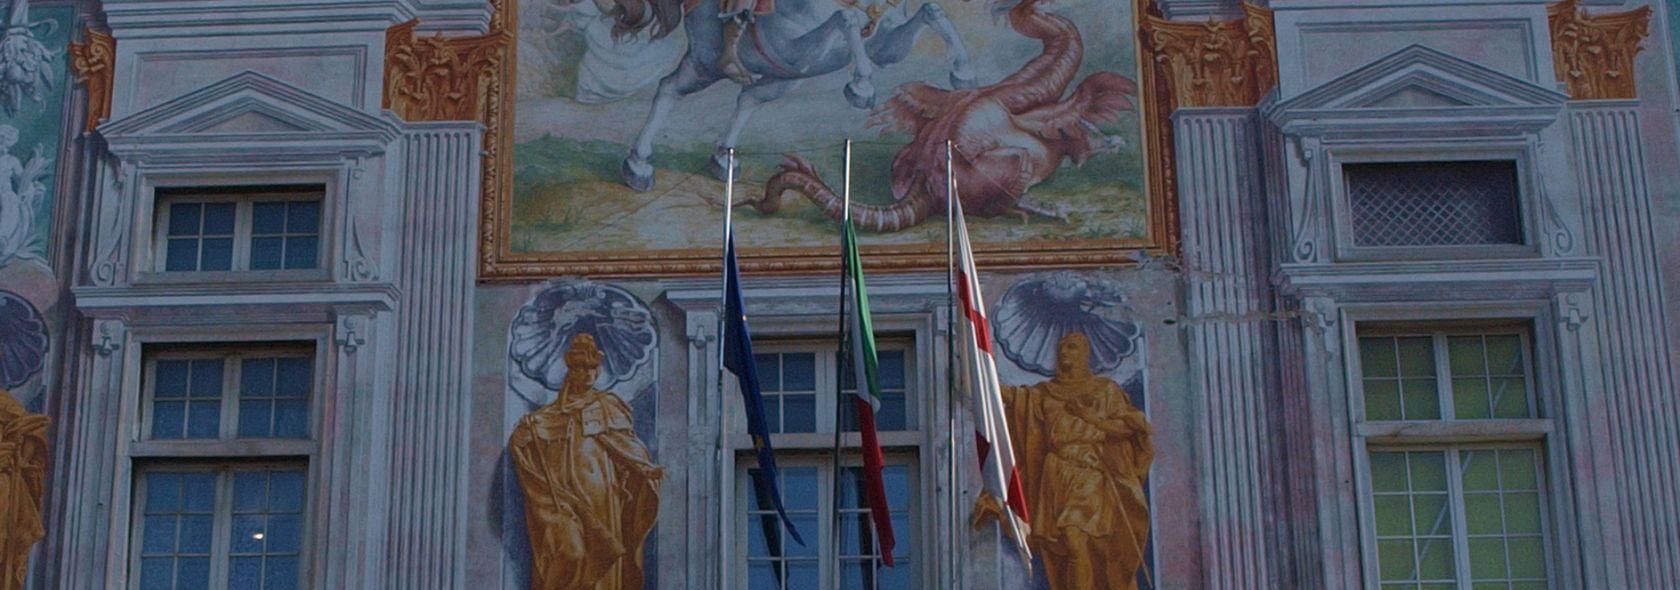 Palazzo San Giorgio - foto: Enrico Monaci